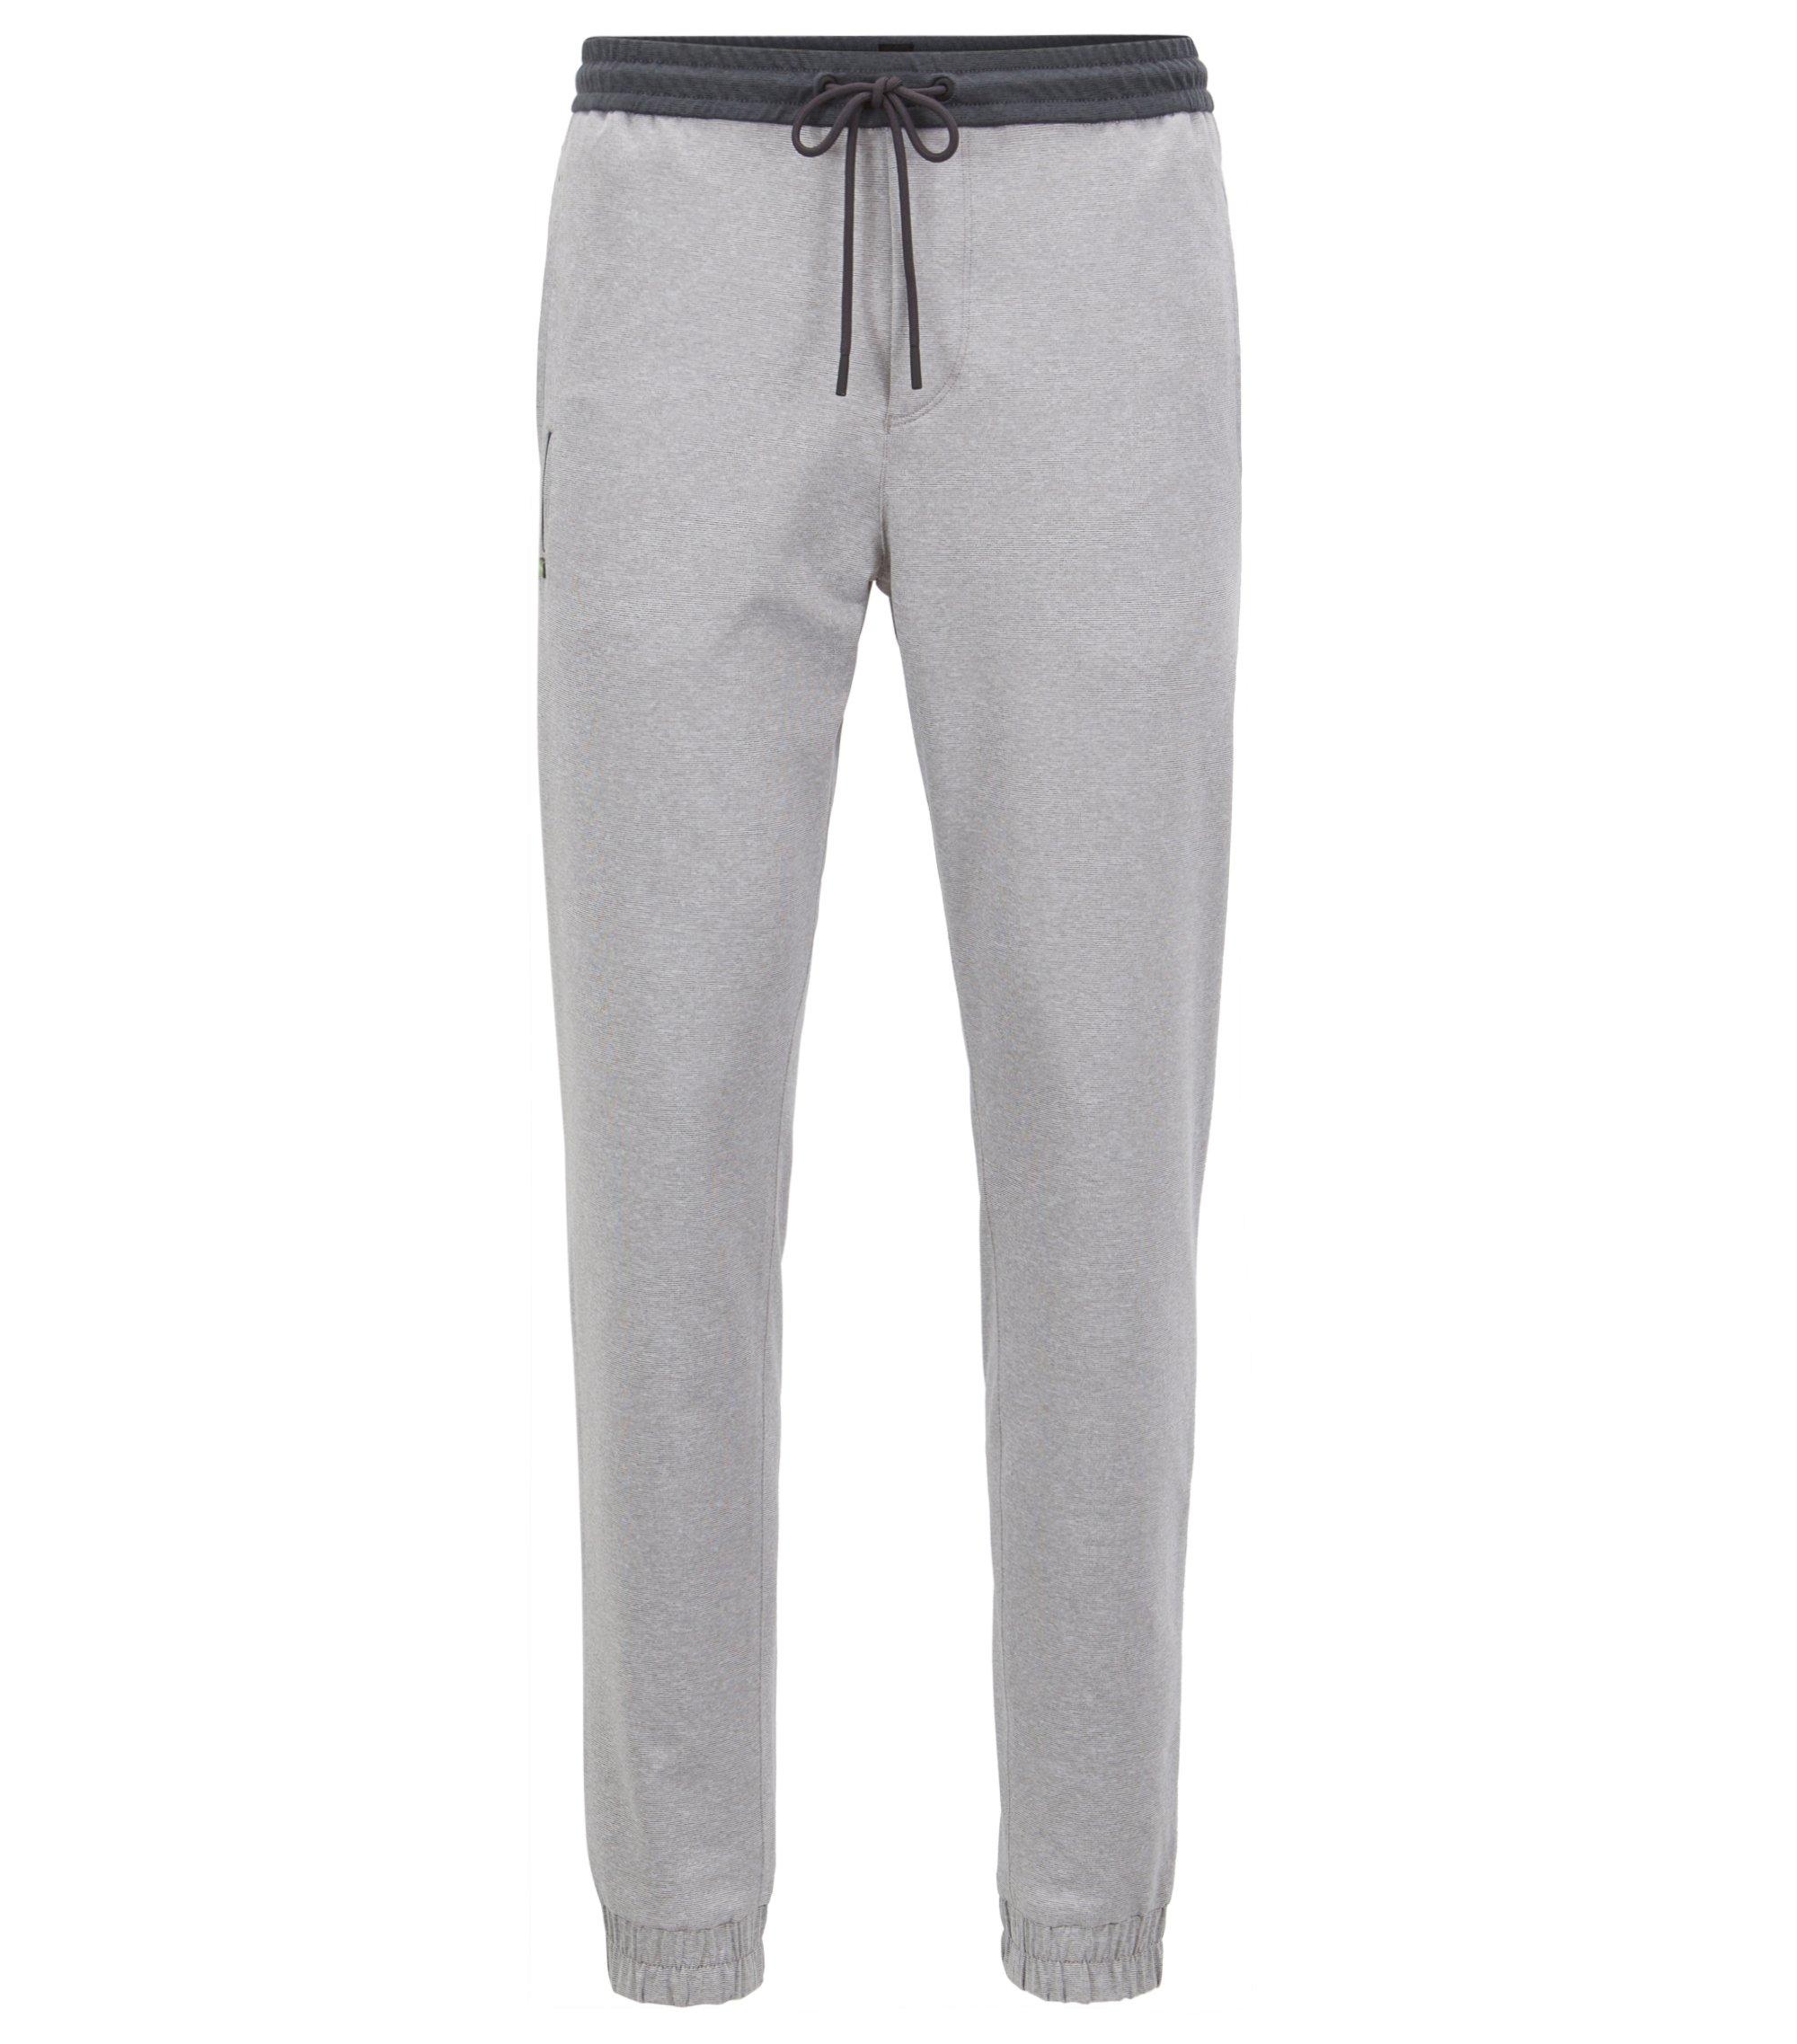 Pantaloni slim fit in mélange elasticizzato attivo con fondo gamba elastico, Grigio chiaro